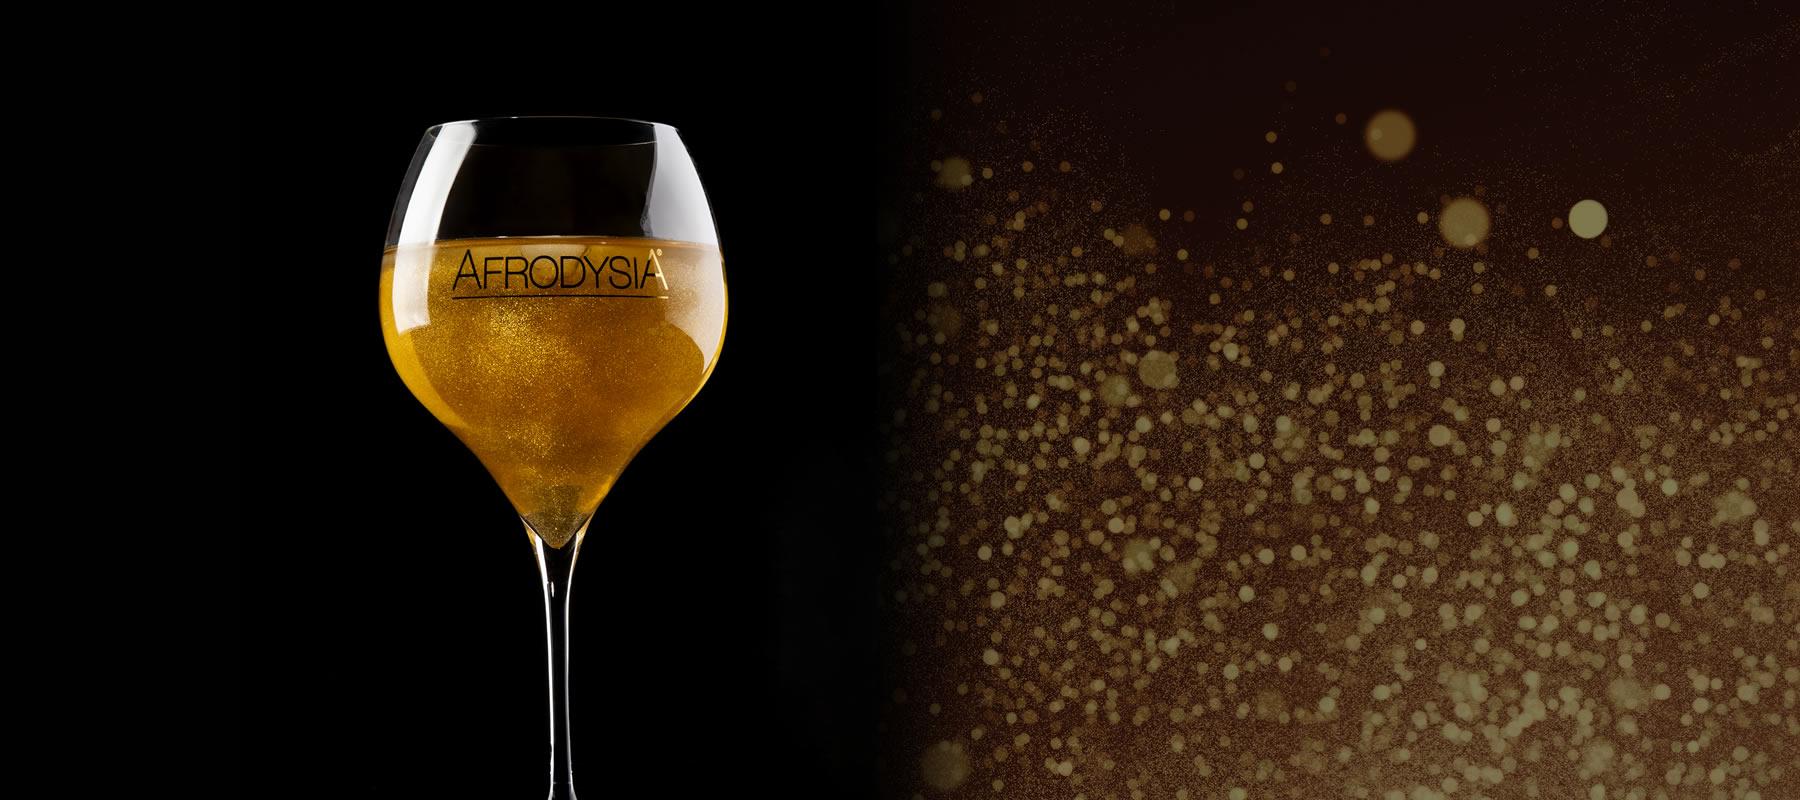 <strong>Gold Sparkle Fashion Drink</strong>  La sua composizione innovativa combinata con un gusto classico la rende la bevanda energetica più esclusiva e affascinante al mondo.